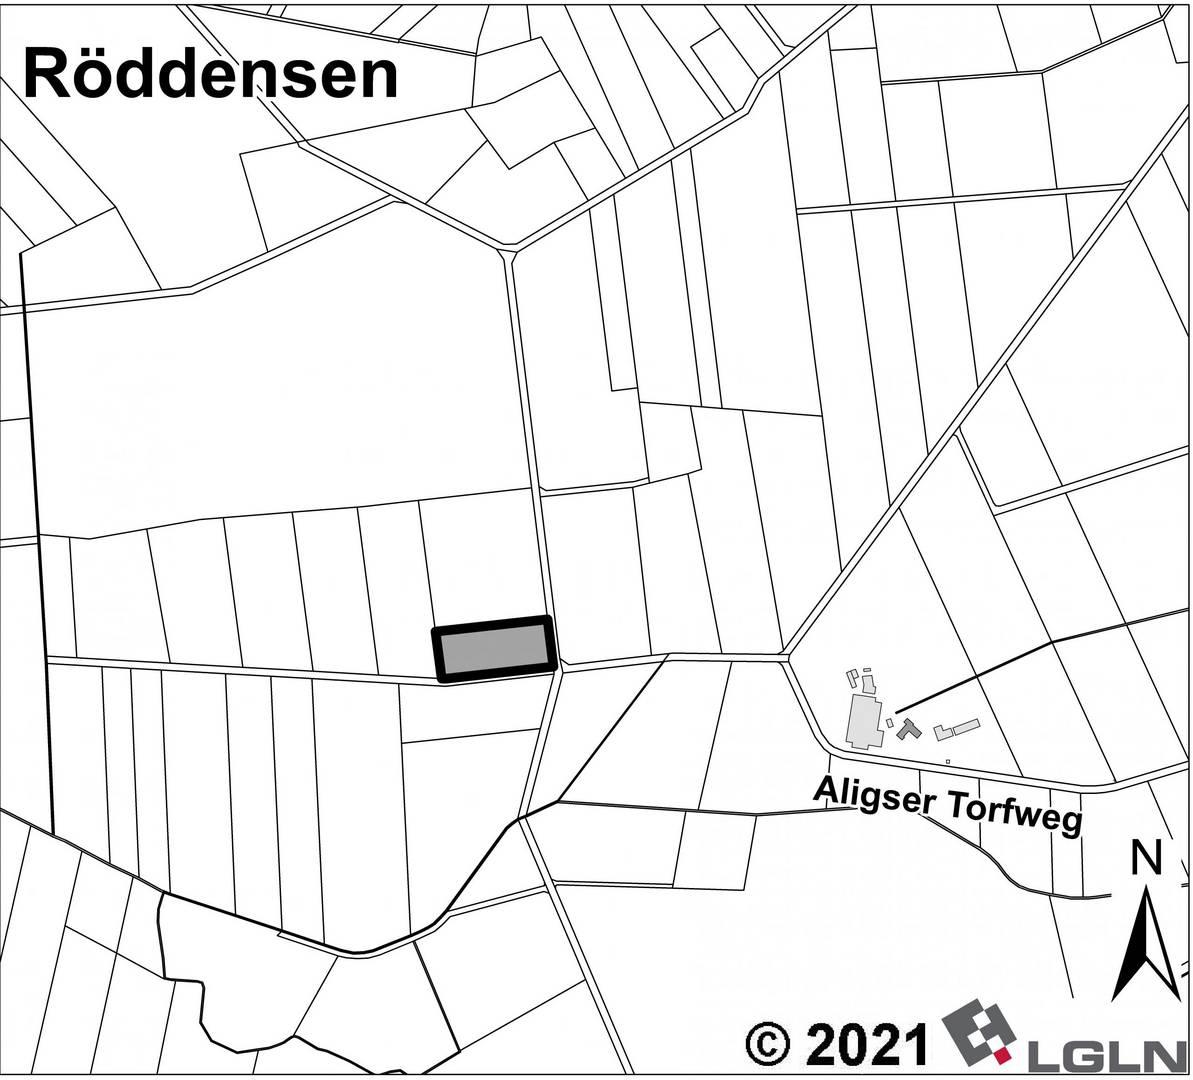 Teilgeltungsbereich C 2 in der Gemarkung Röddensen © Anja Hampe